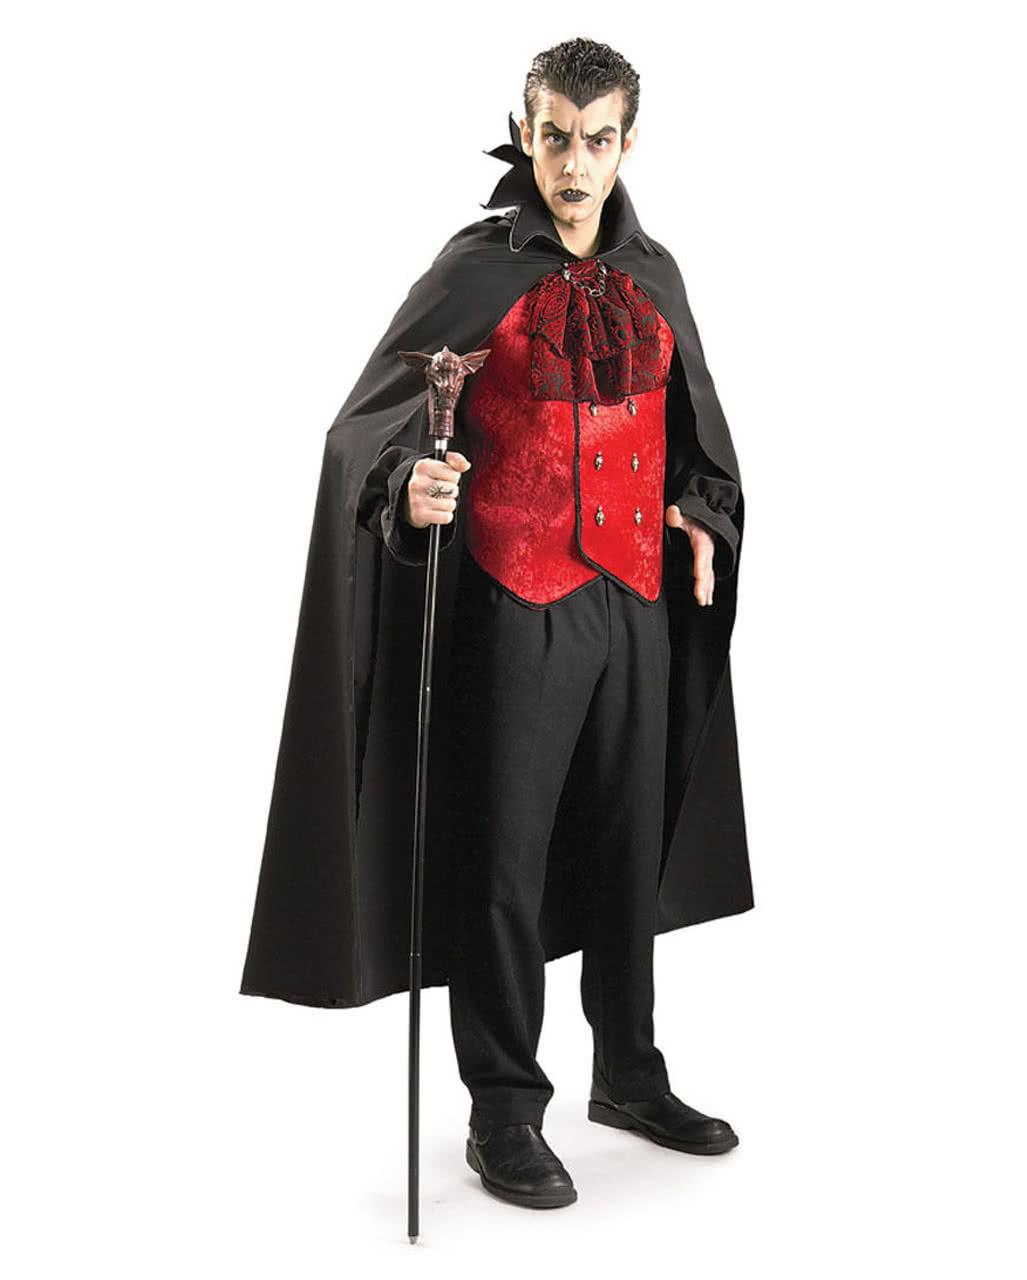 Uncategorized Halloween Dracula gothic count dracula costume vampire costumes for halloween horror shop com